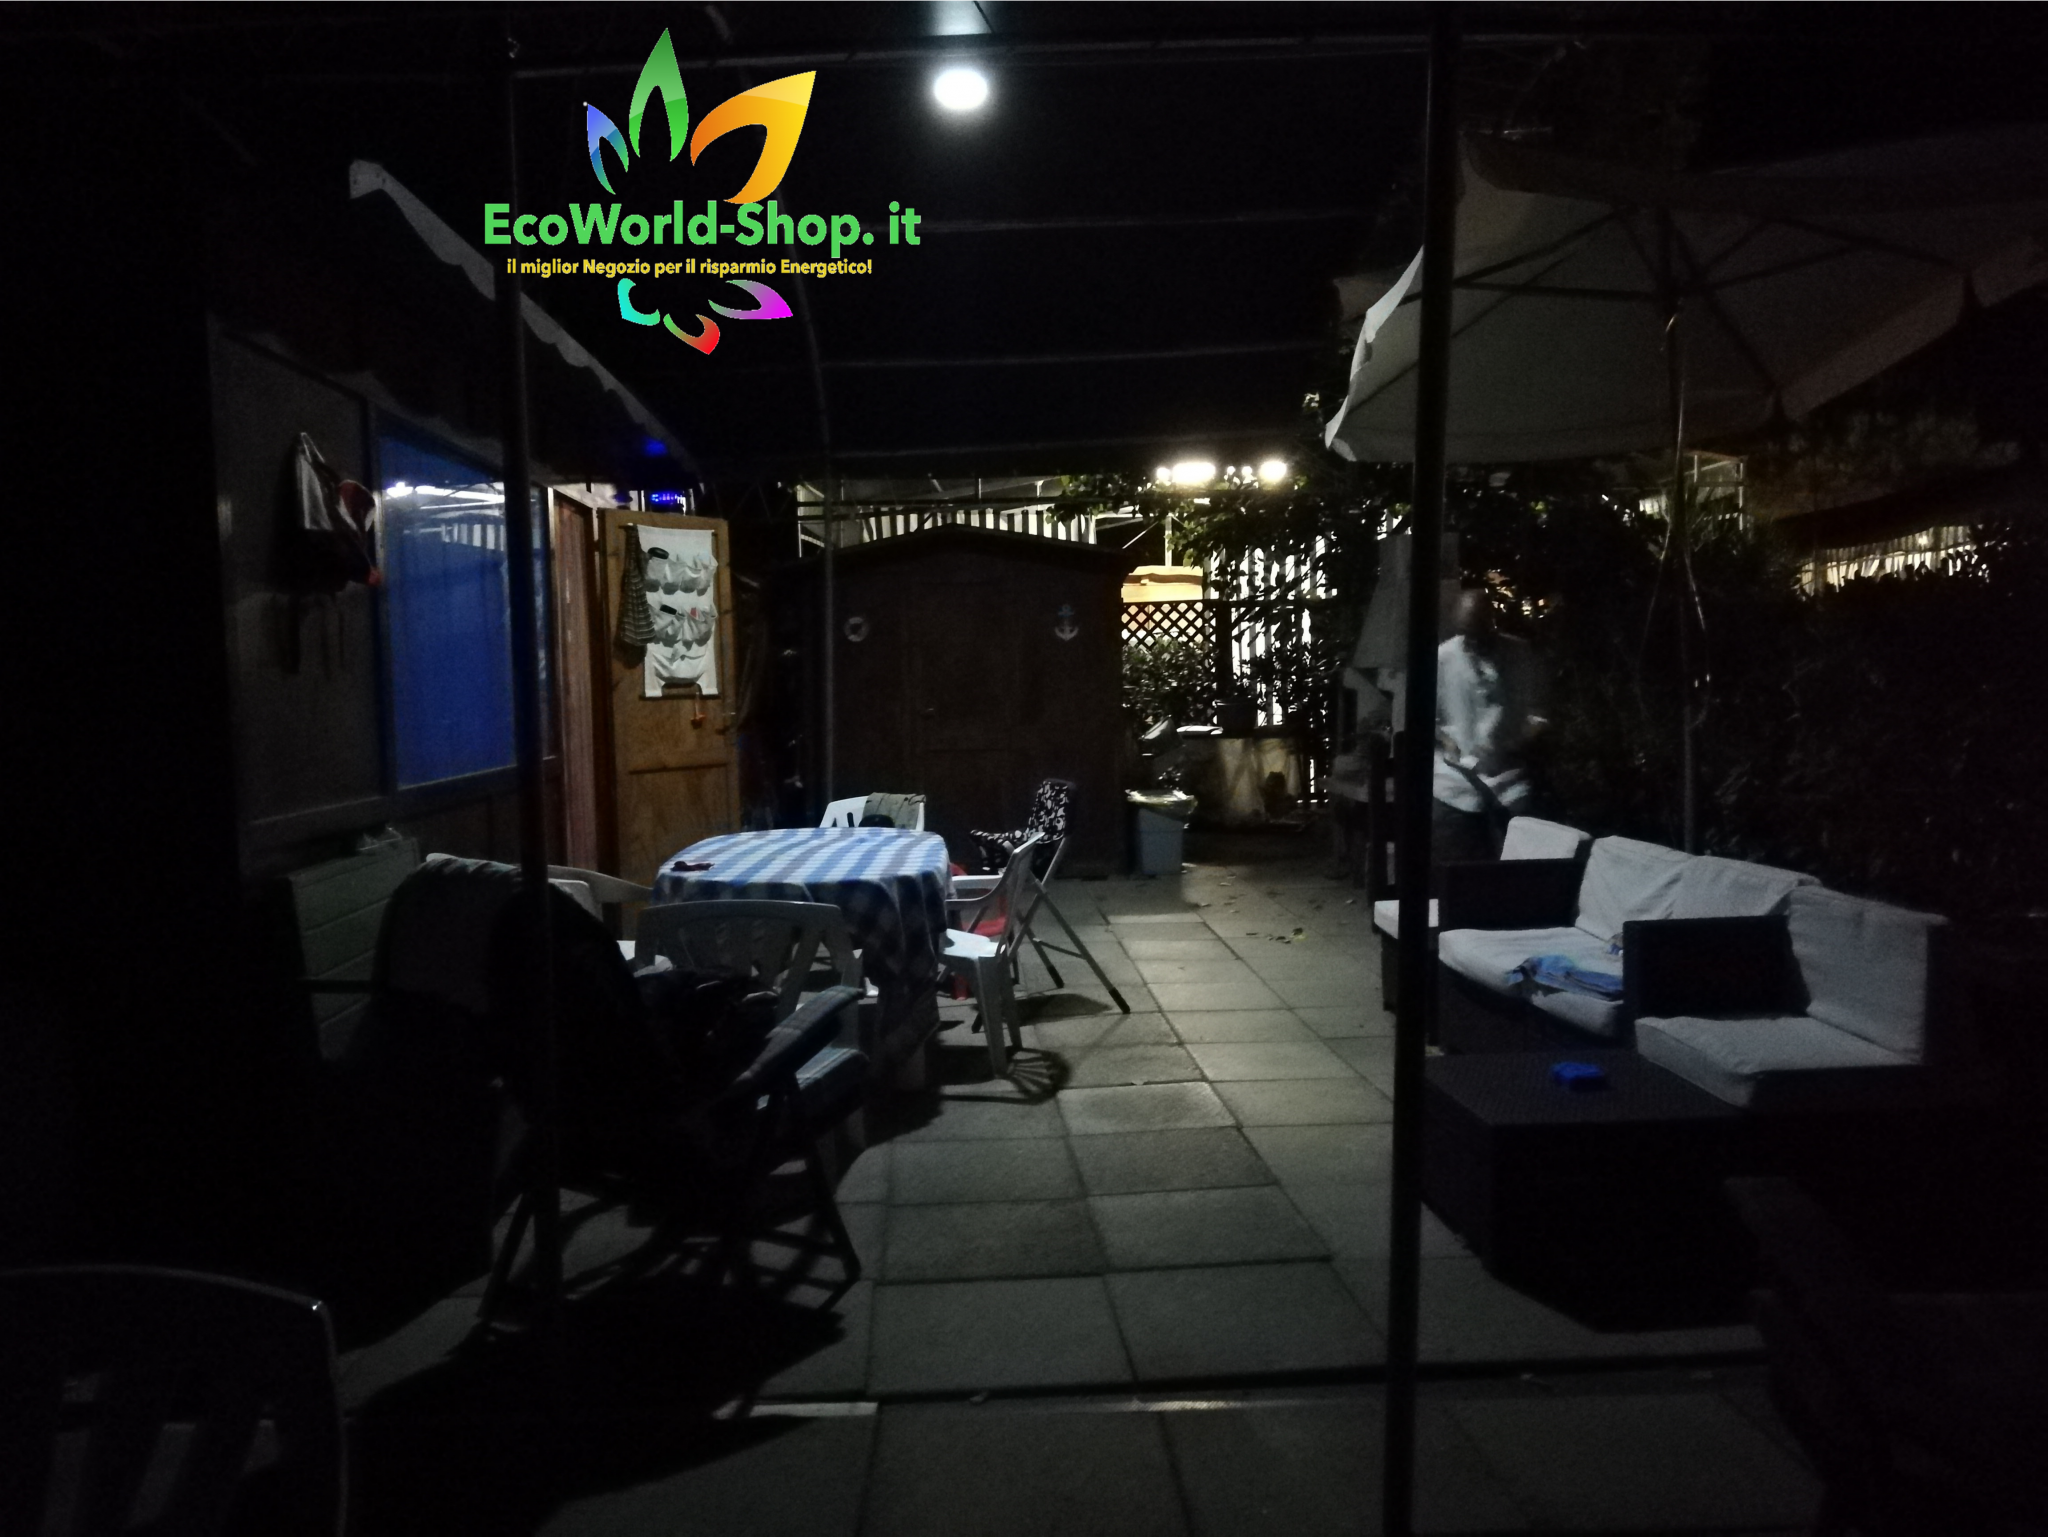 Illuminazione notturna con faro ad energia solare da esterno